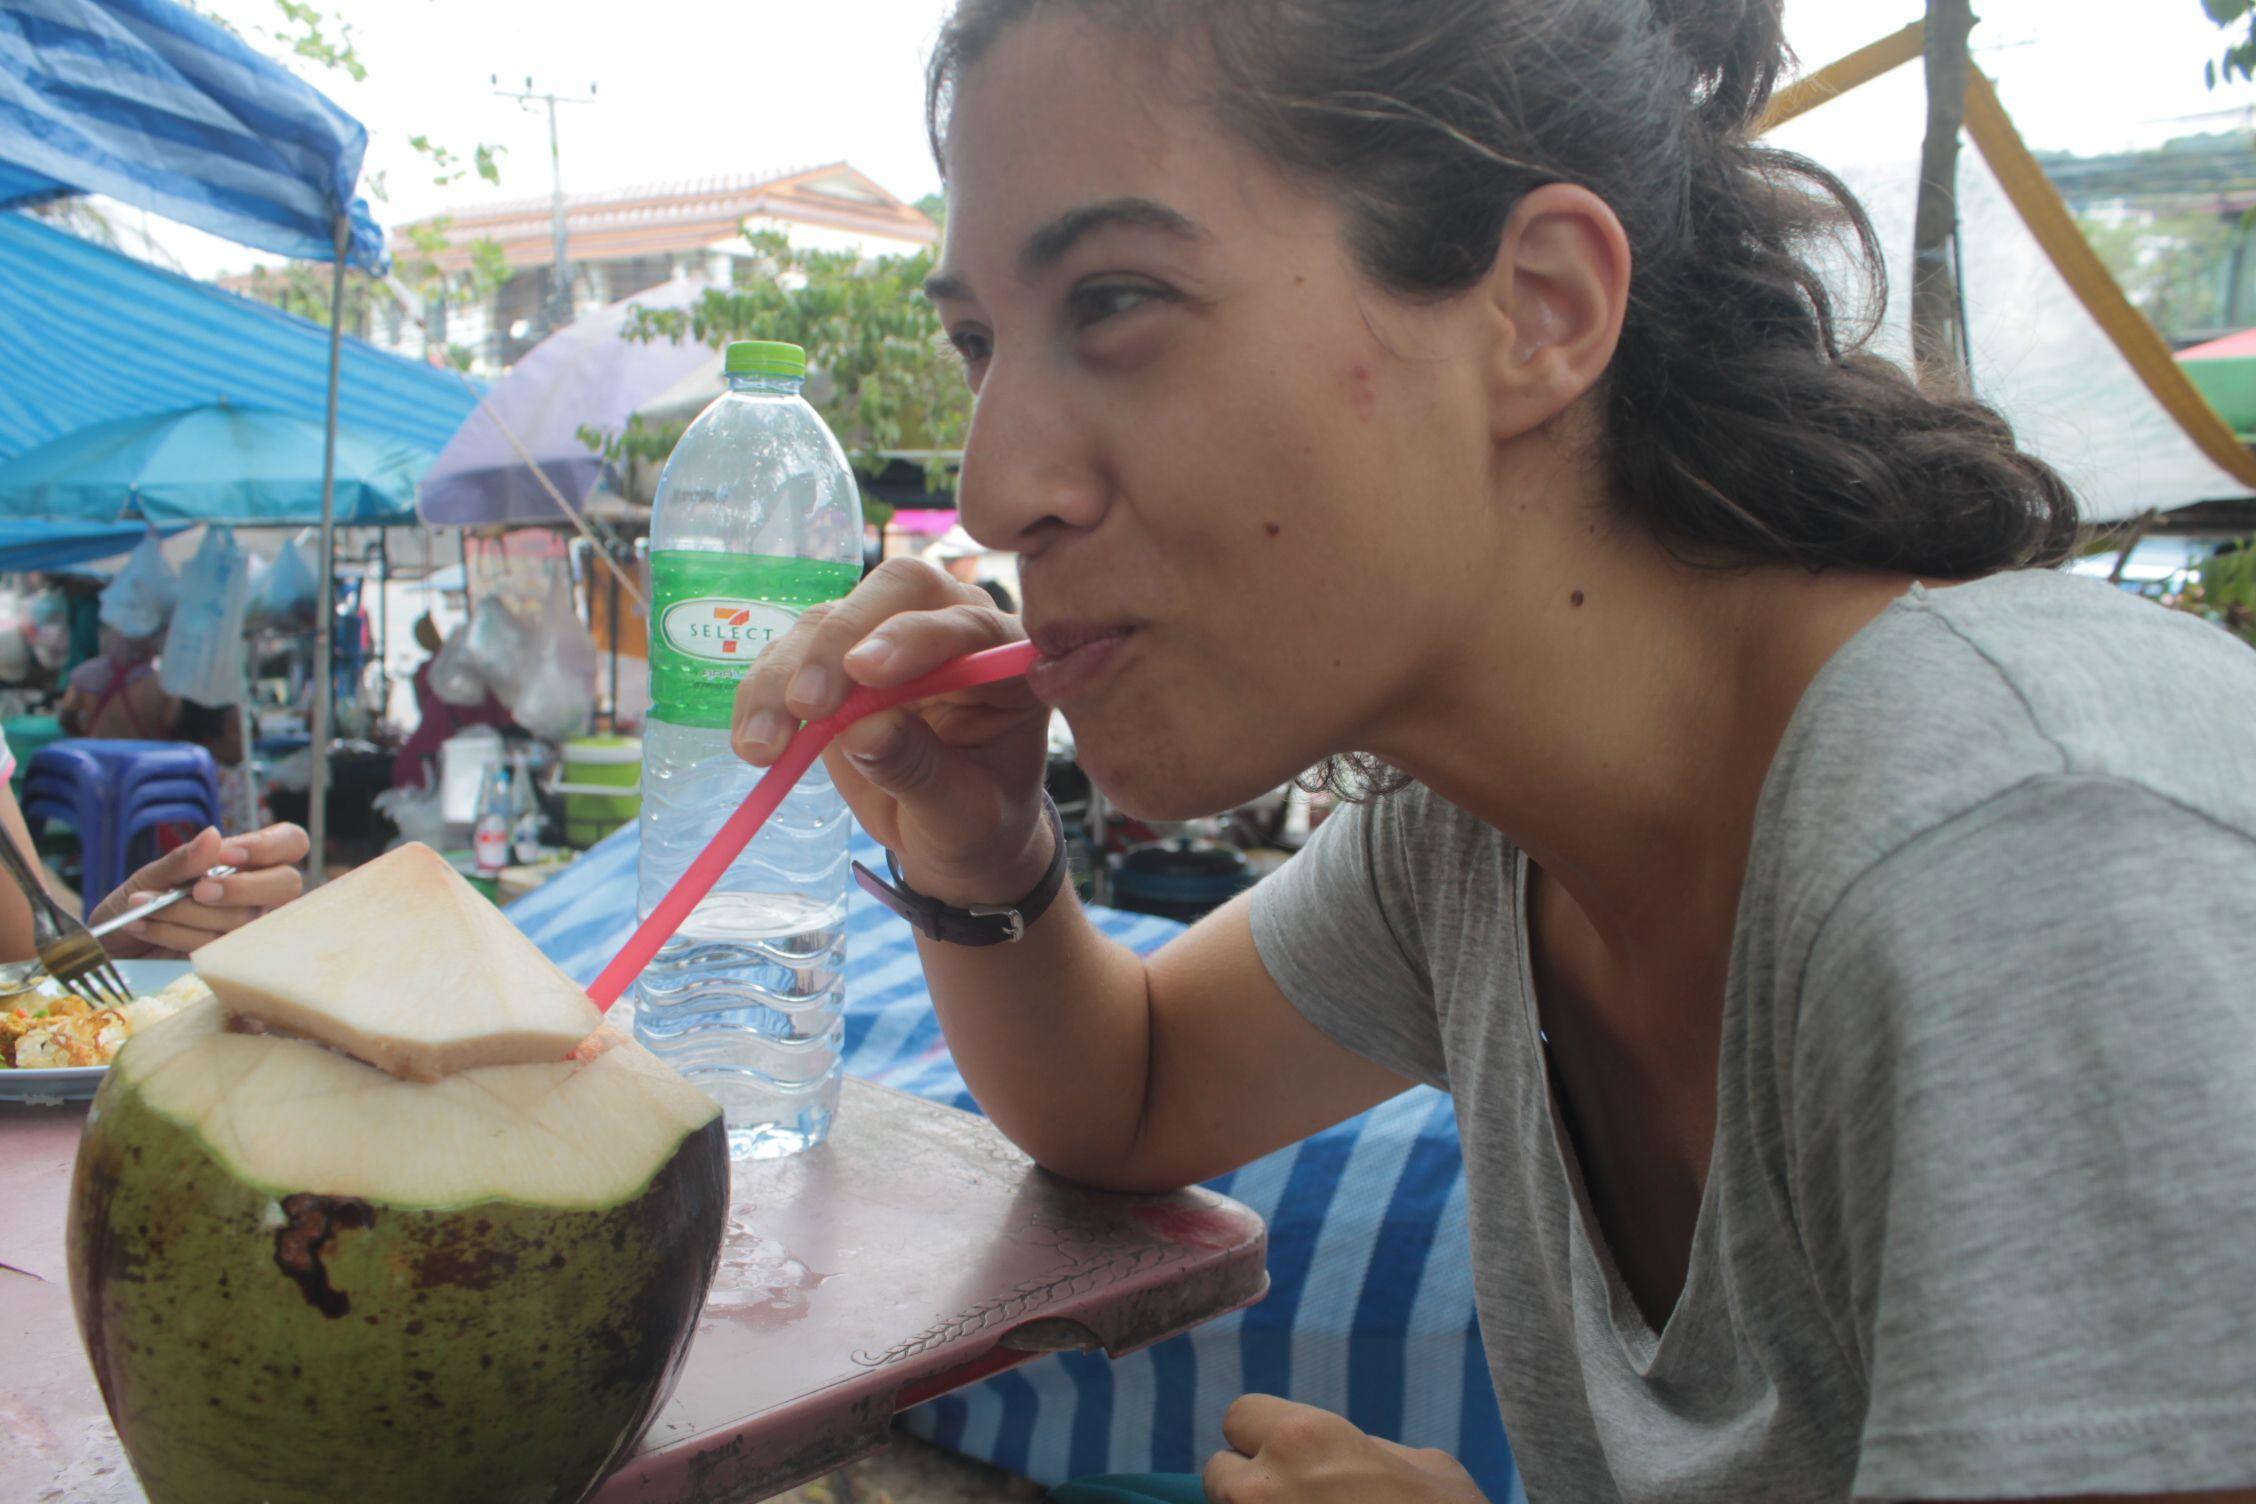 Roser bebiendose un coco